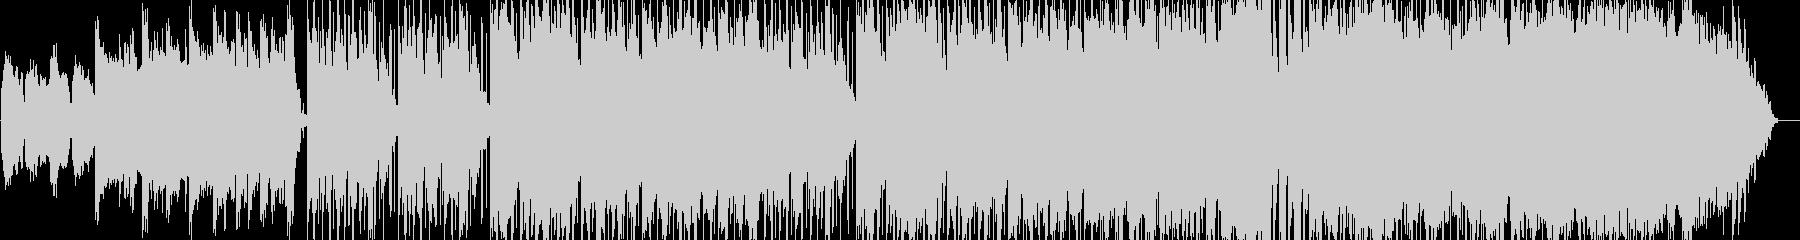 クリスマスをイメージしたインストBGMの未再生の波形